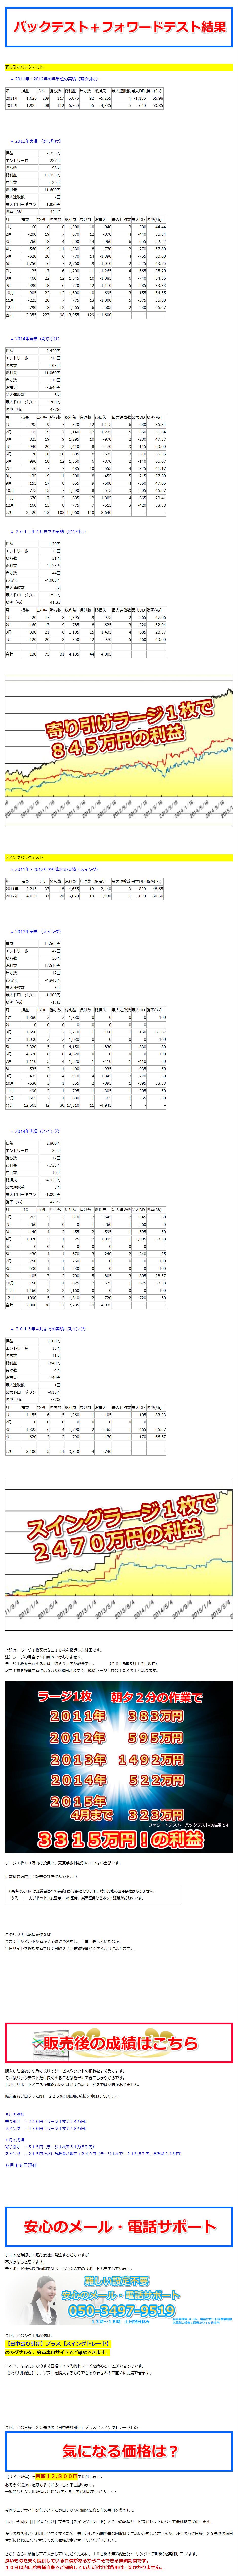 日経225先物寄り引け+スイングトレード【投資助言商品】2